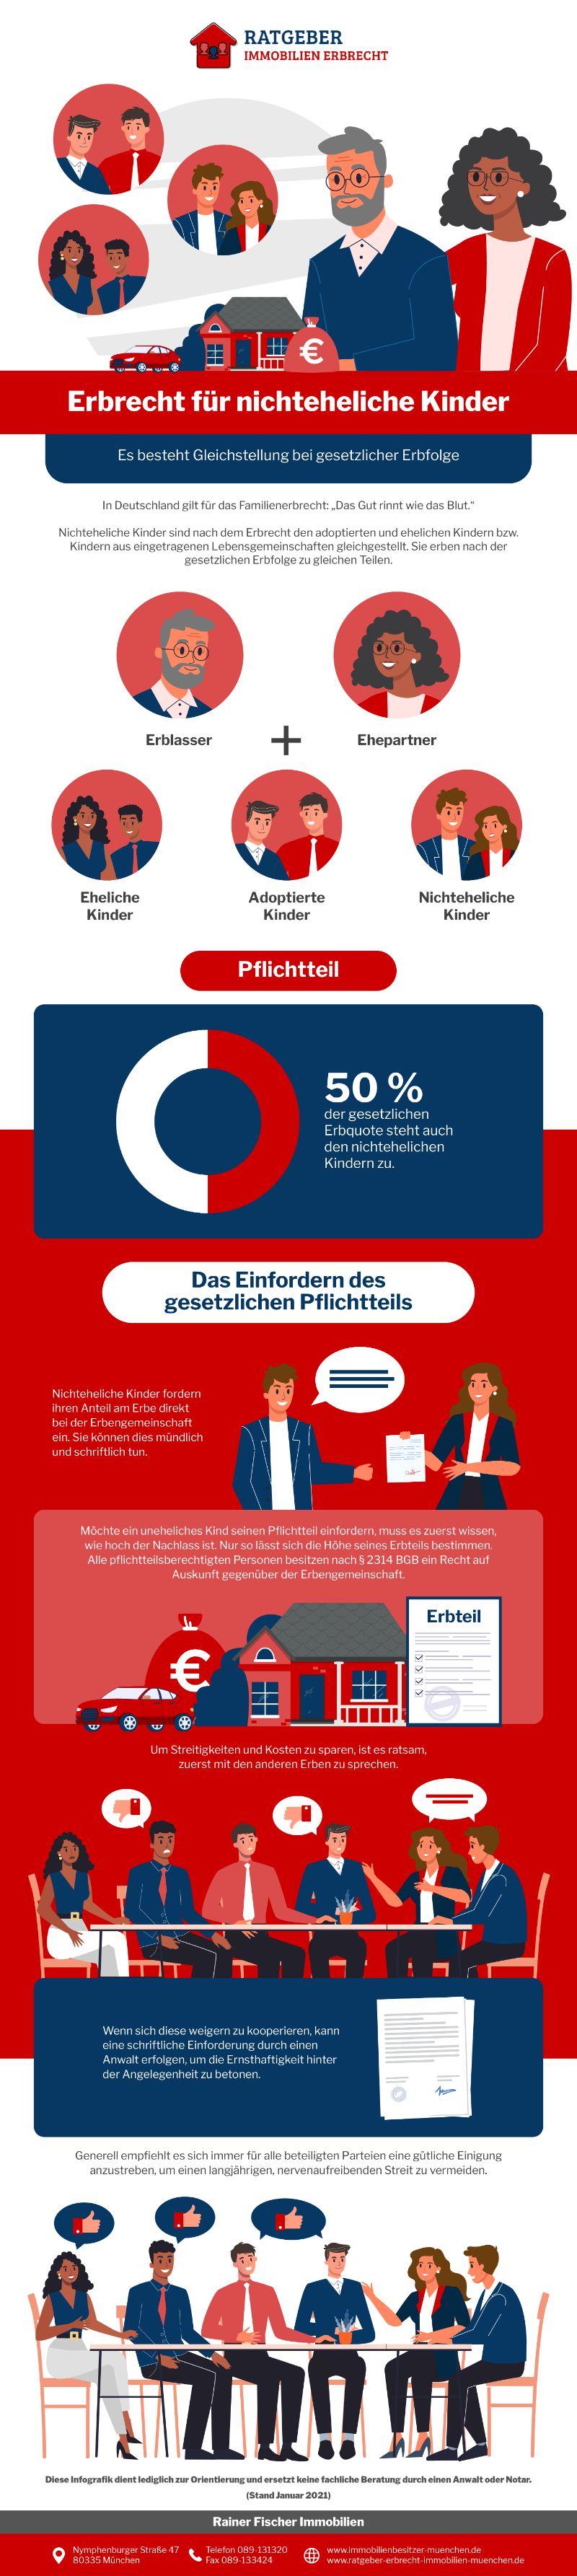 Infografik Erbrecht: Was Erben Nichteheliche Kinder?